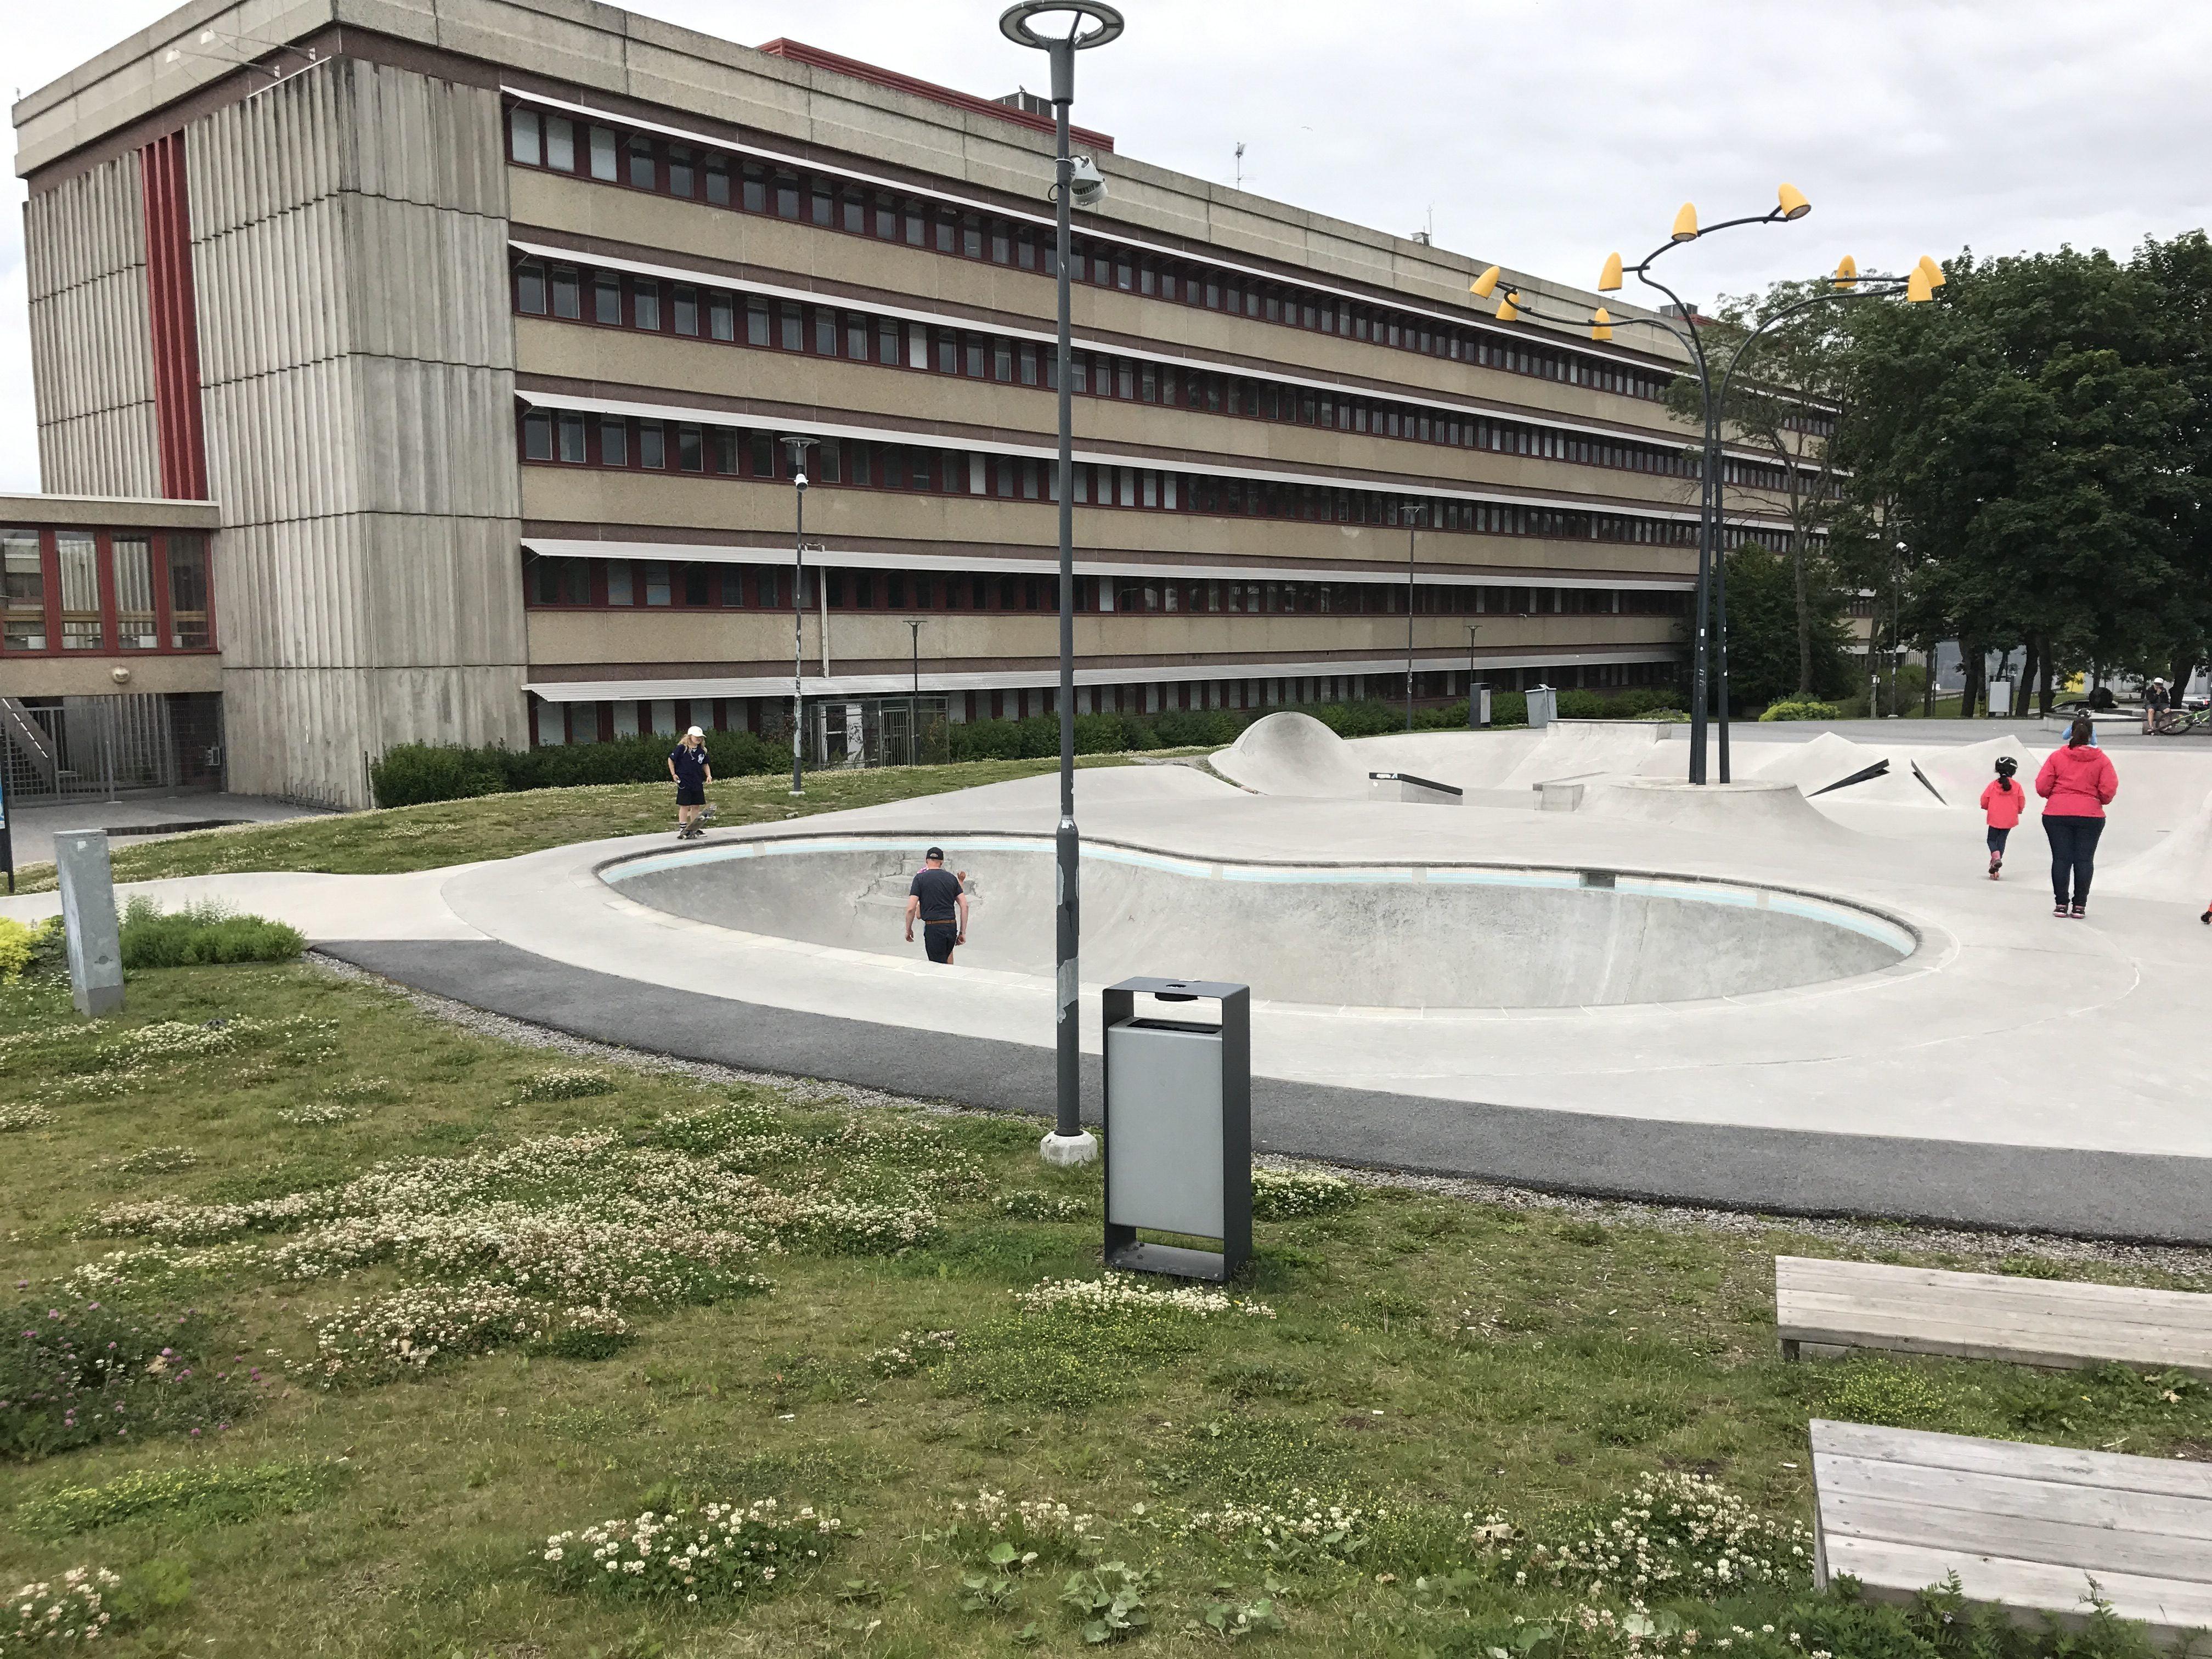 Bowl i Täby skatepark